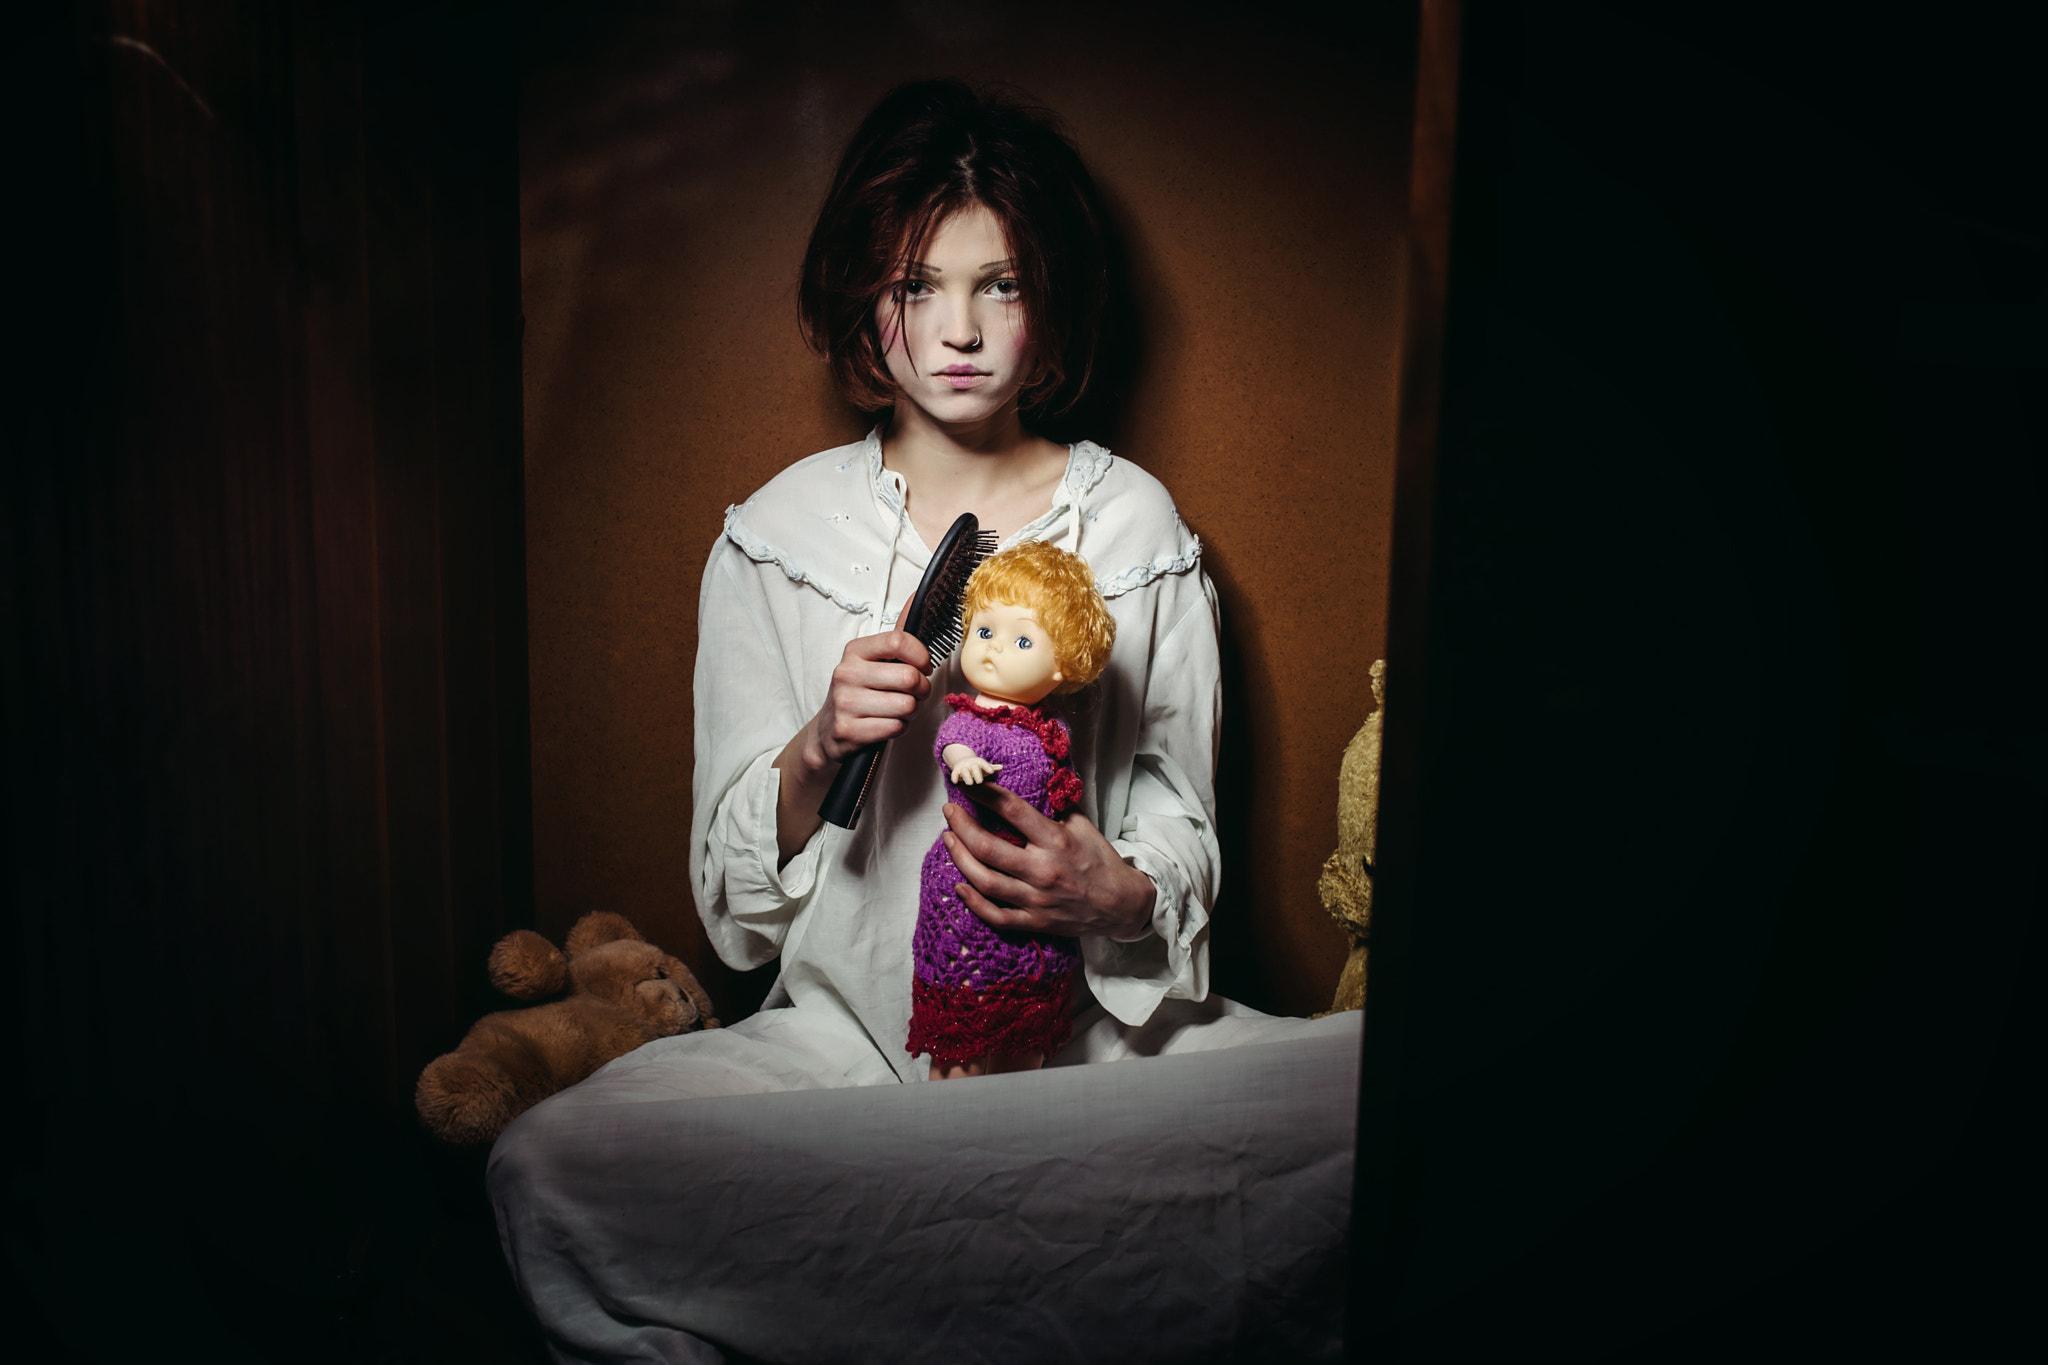 Doll II